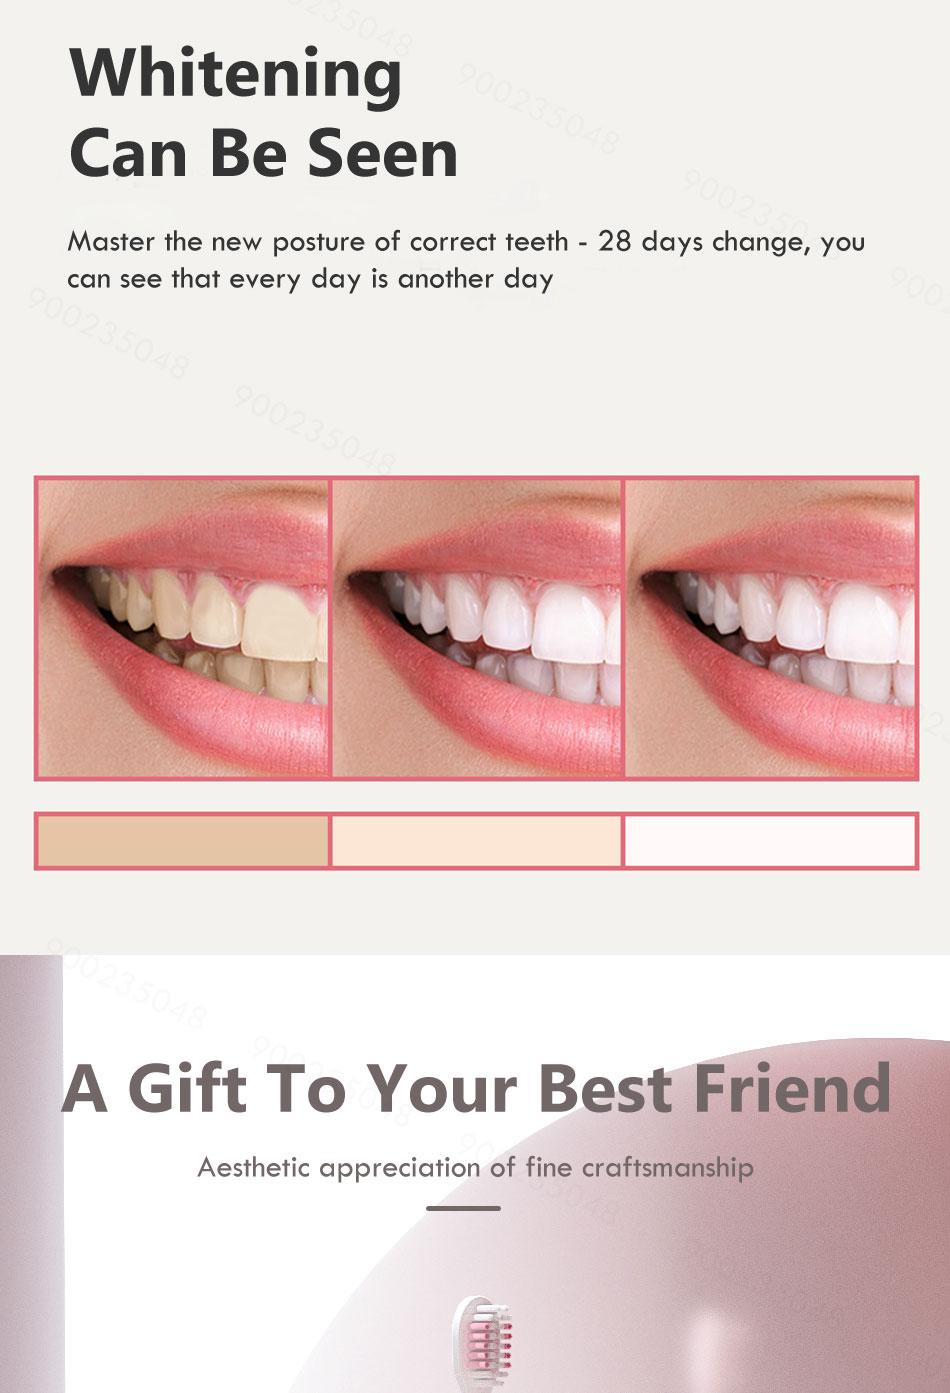 牙刷_07